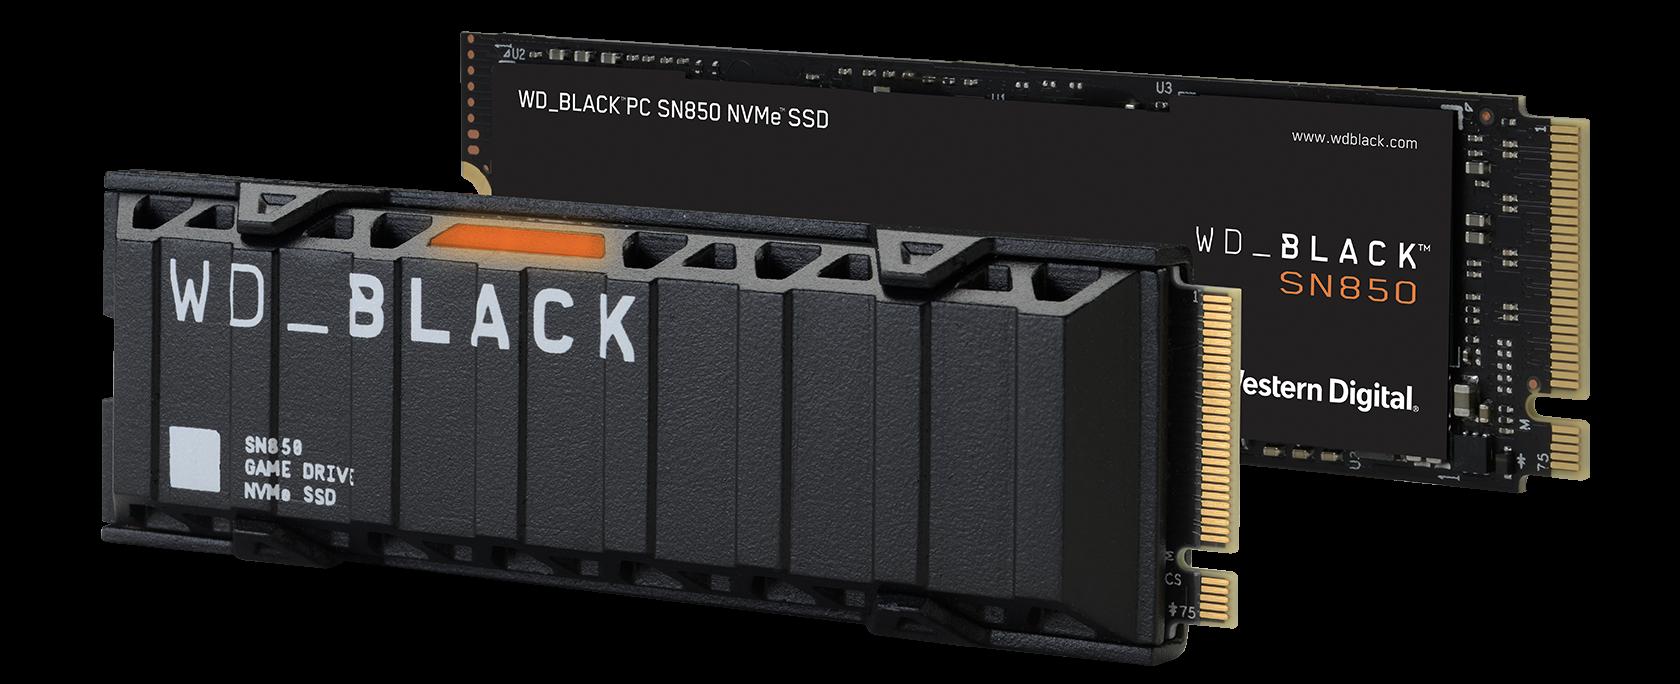 Wd Black Sn850 Nvme Ssd Family